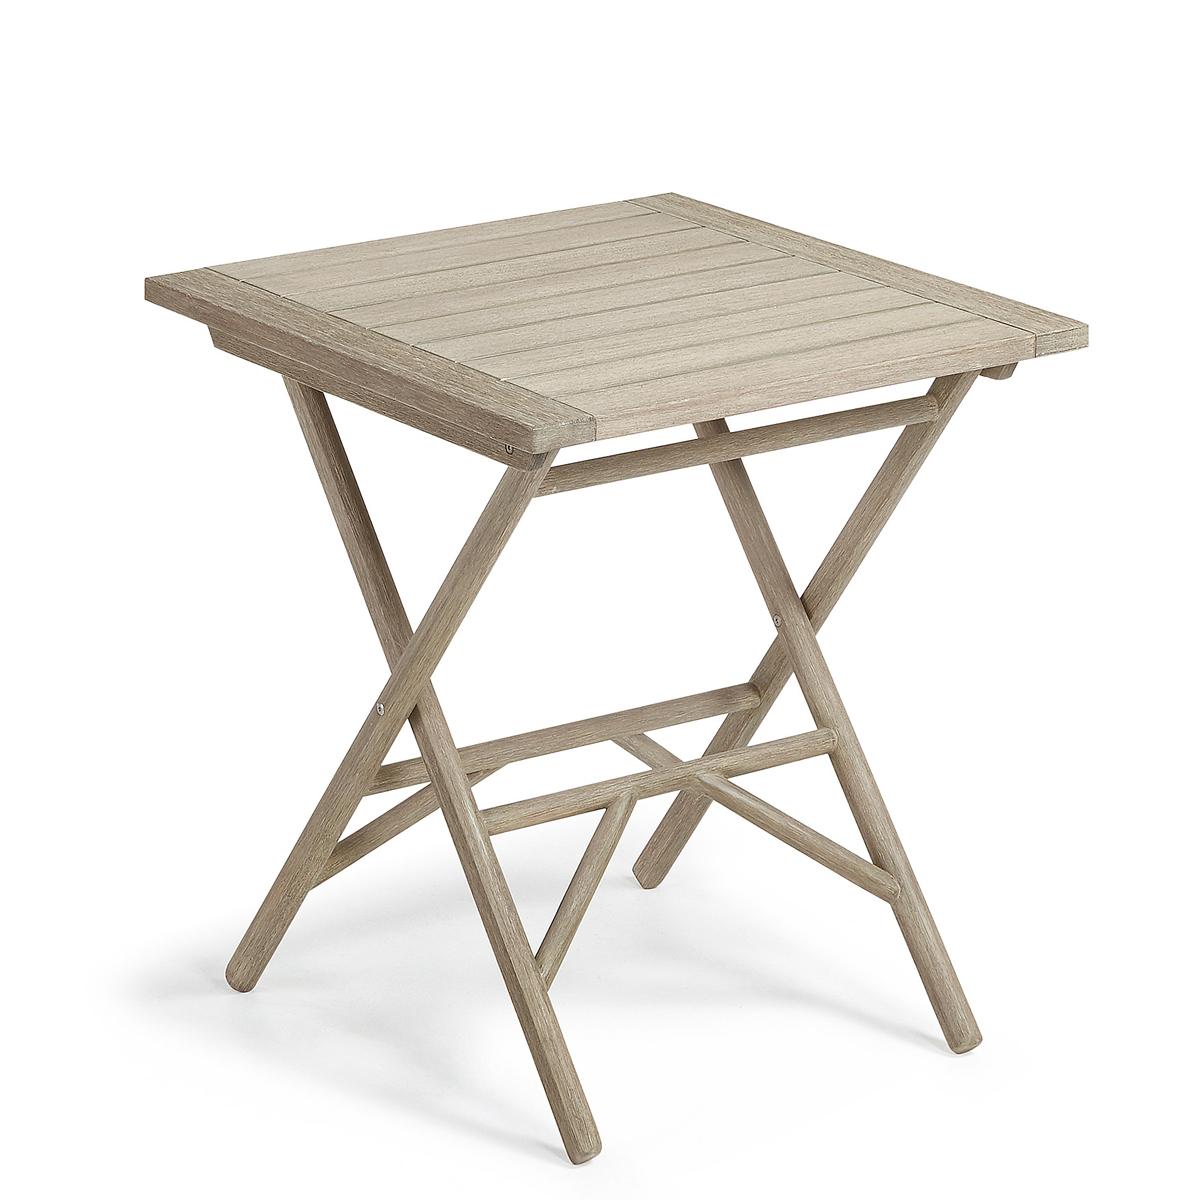 Table pliante en bois d'eucalyptus - Bois - H 75 x 70 cm